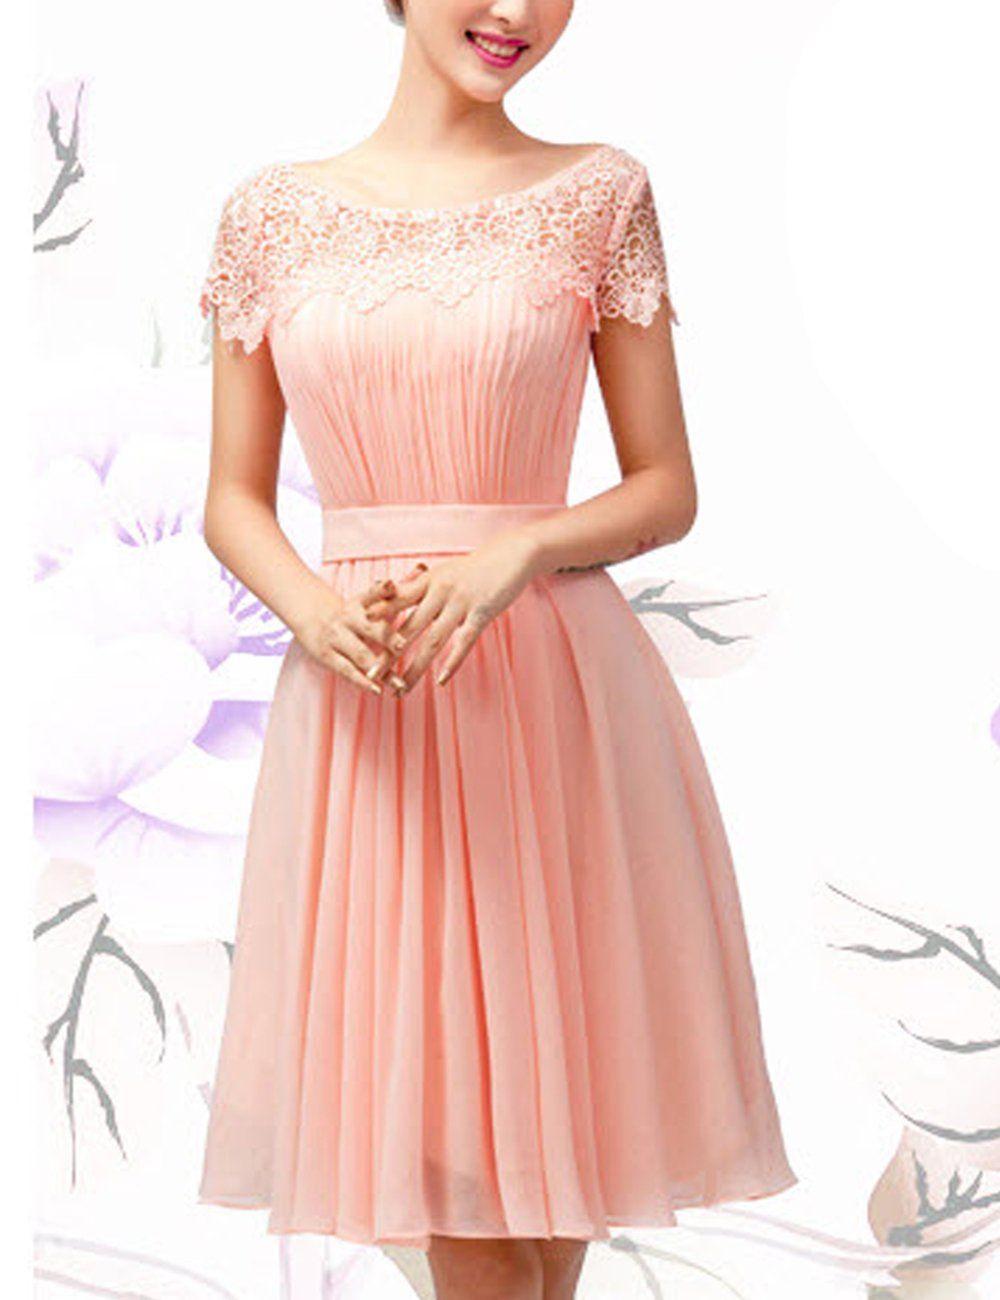 10 Fantastisch Abendkleid Pastell Vertrieb13 Einfach Abendkleid Pastell Galerie